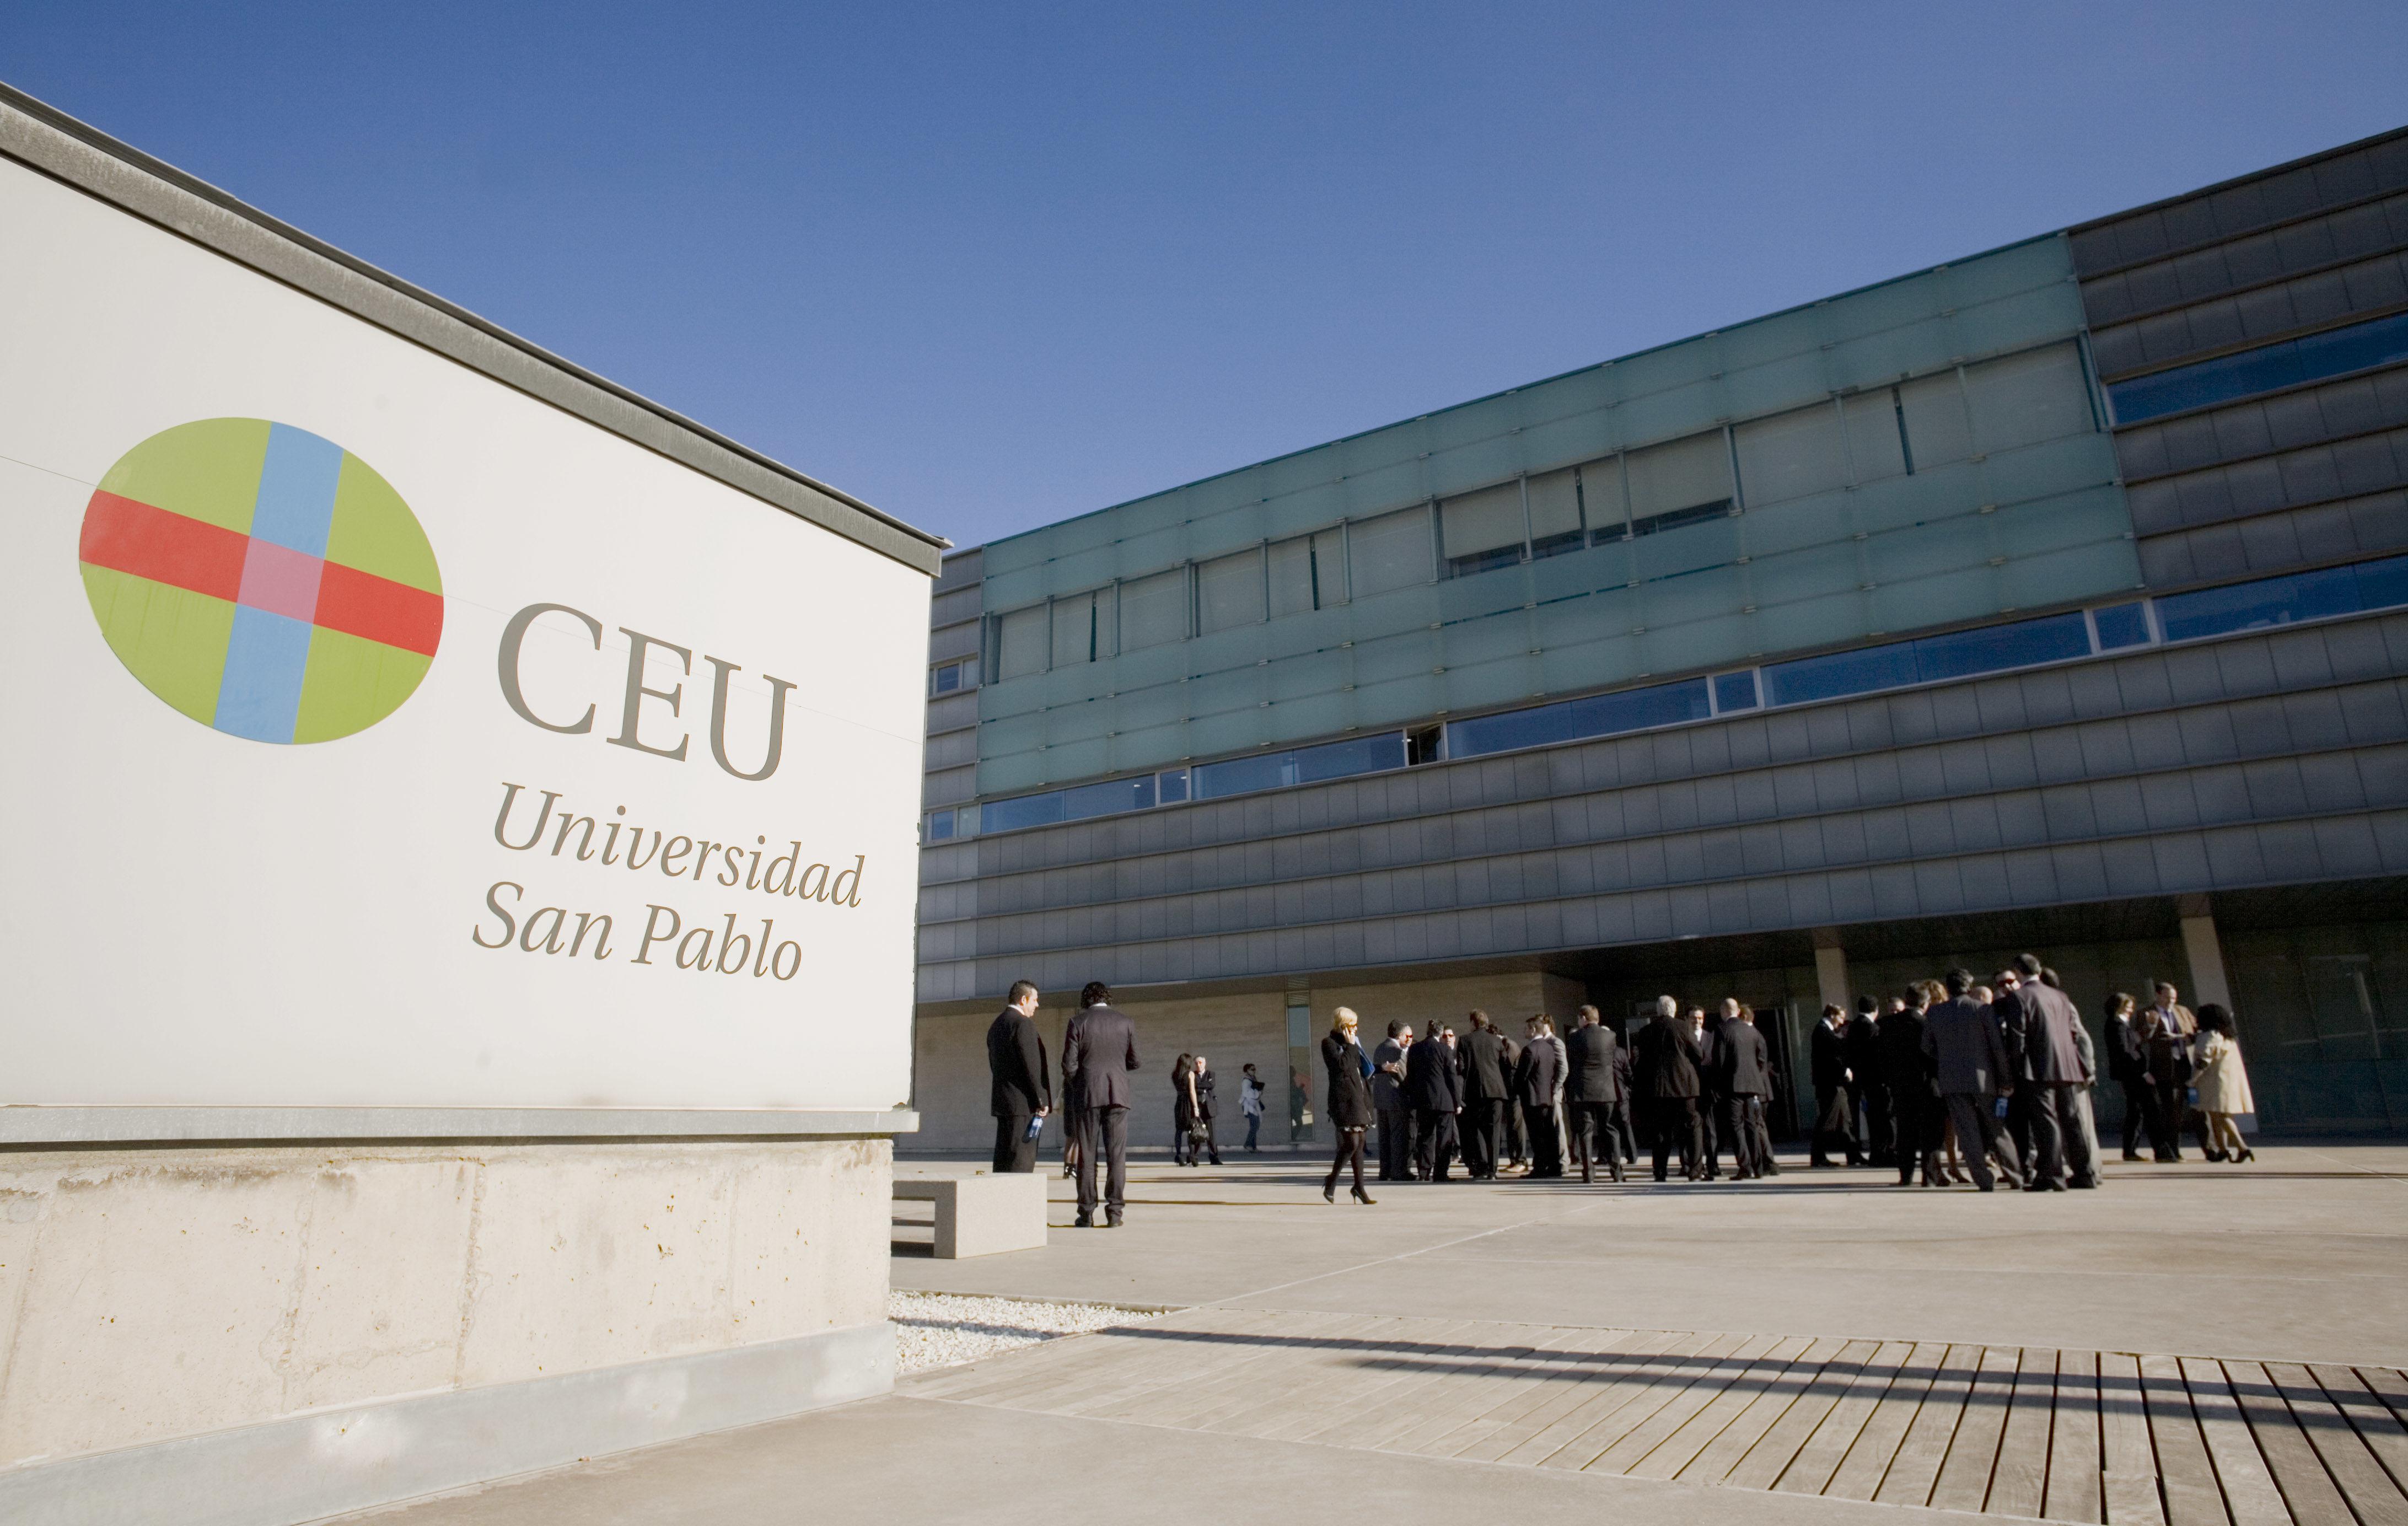 studije u španiji na engleskom - ceu san pablo